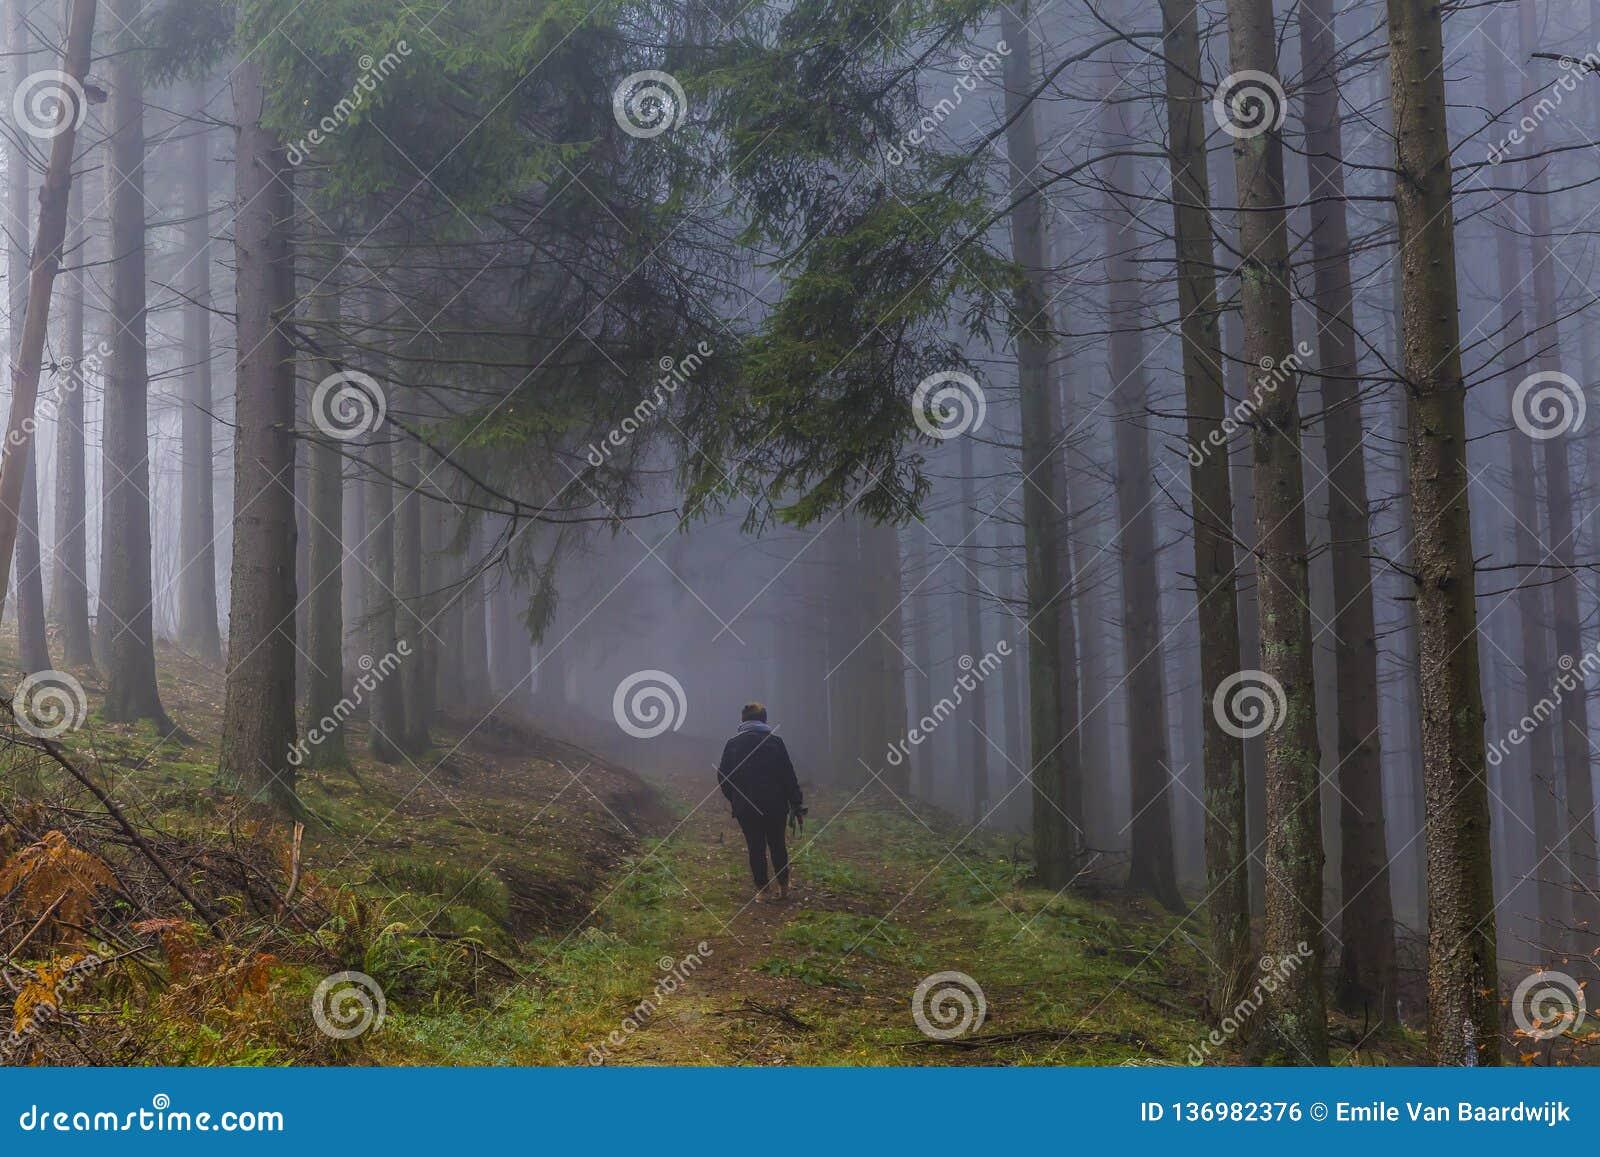 Immagine di una donna che cammina fra i pini alti con molta nebbia nella foresta